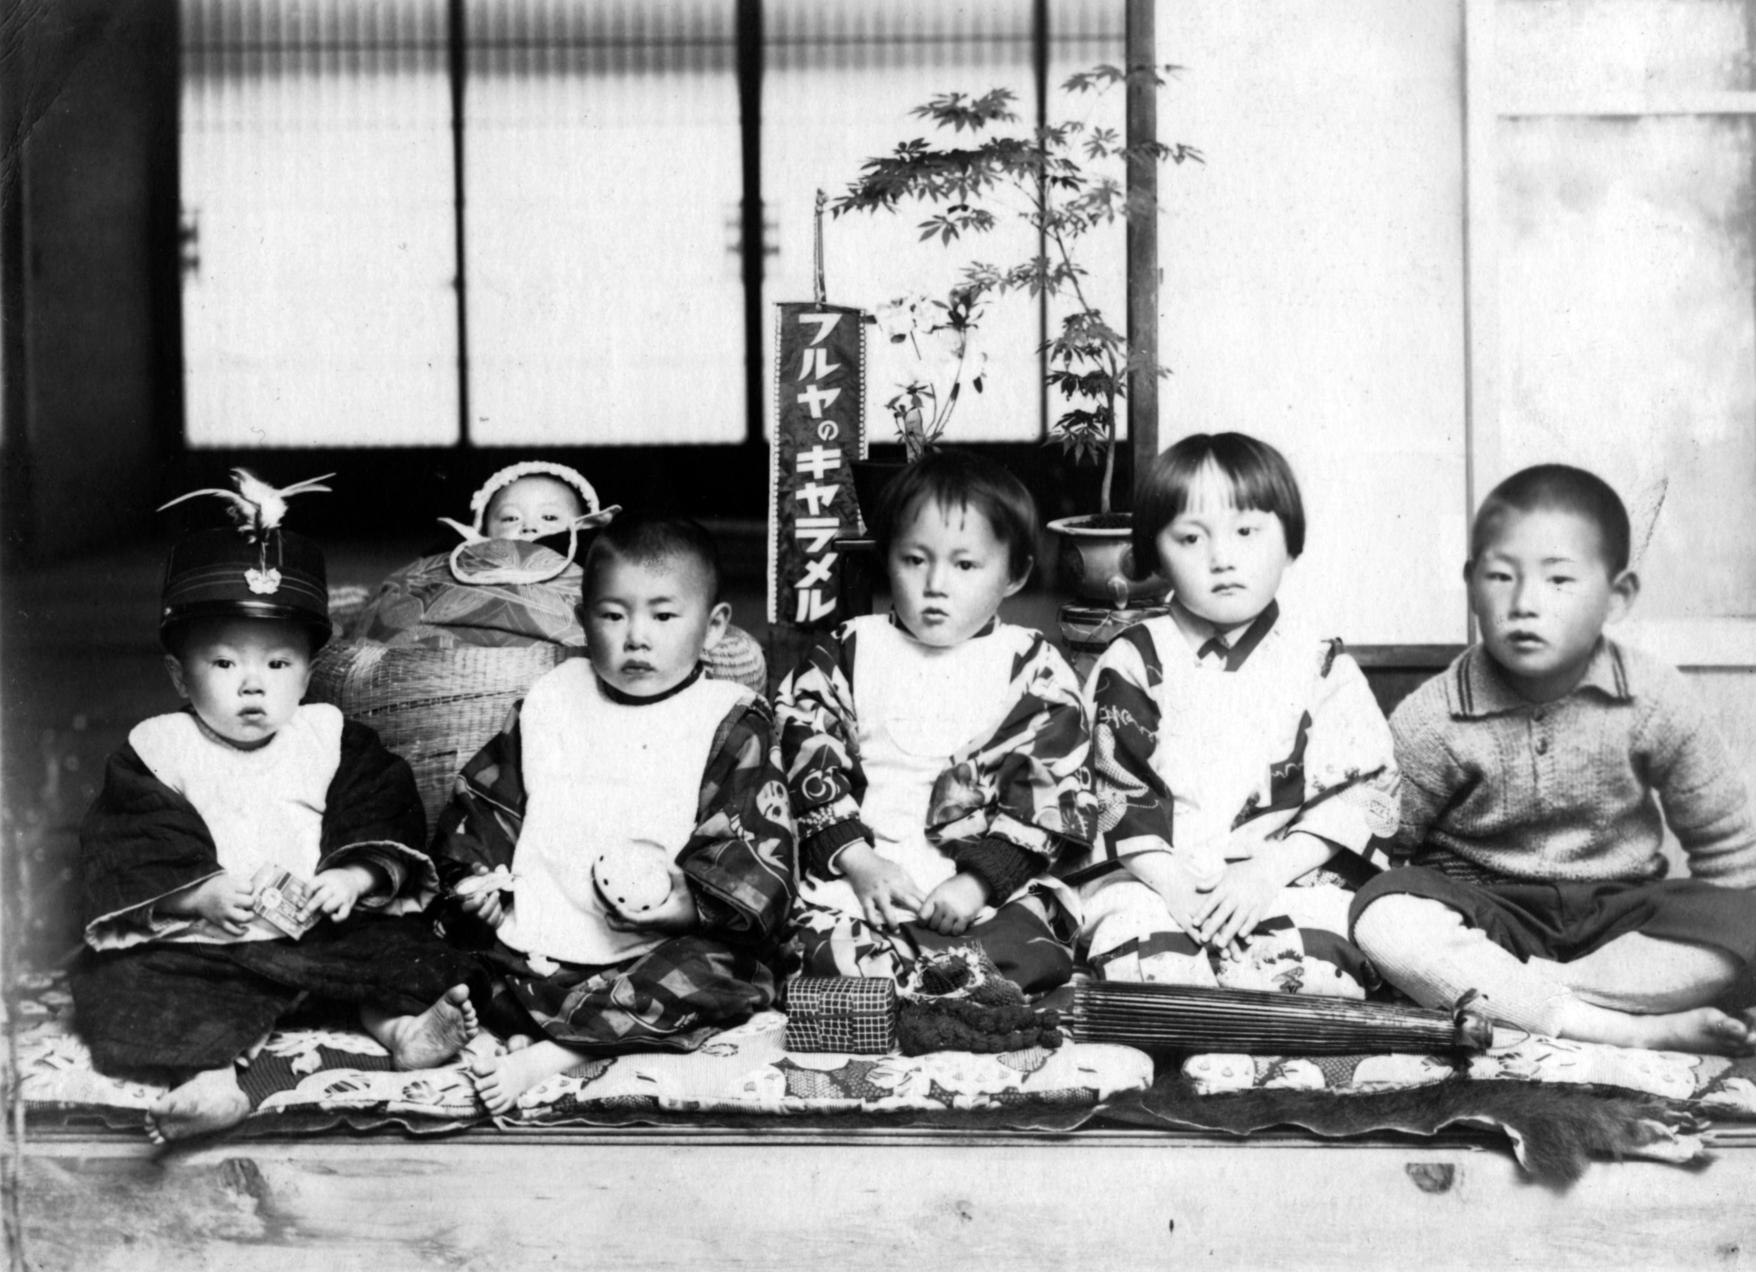 昭和4,5年頃に、青森市油川で撮影された写真